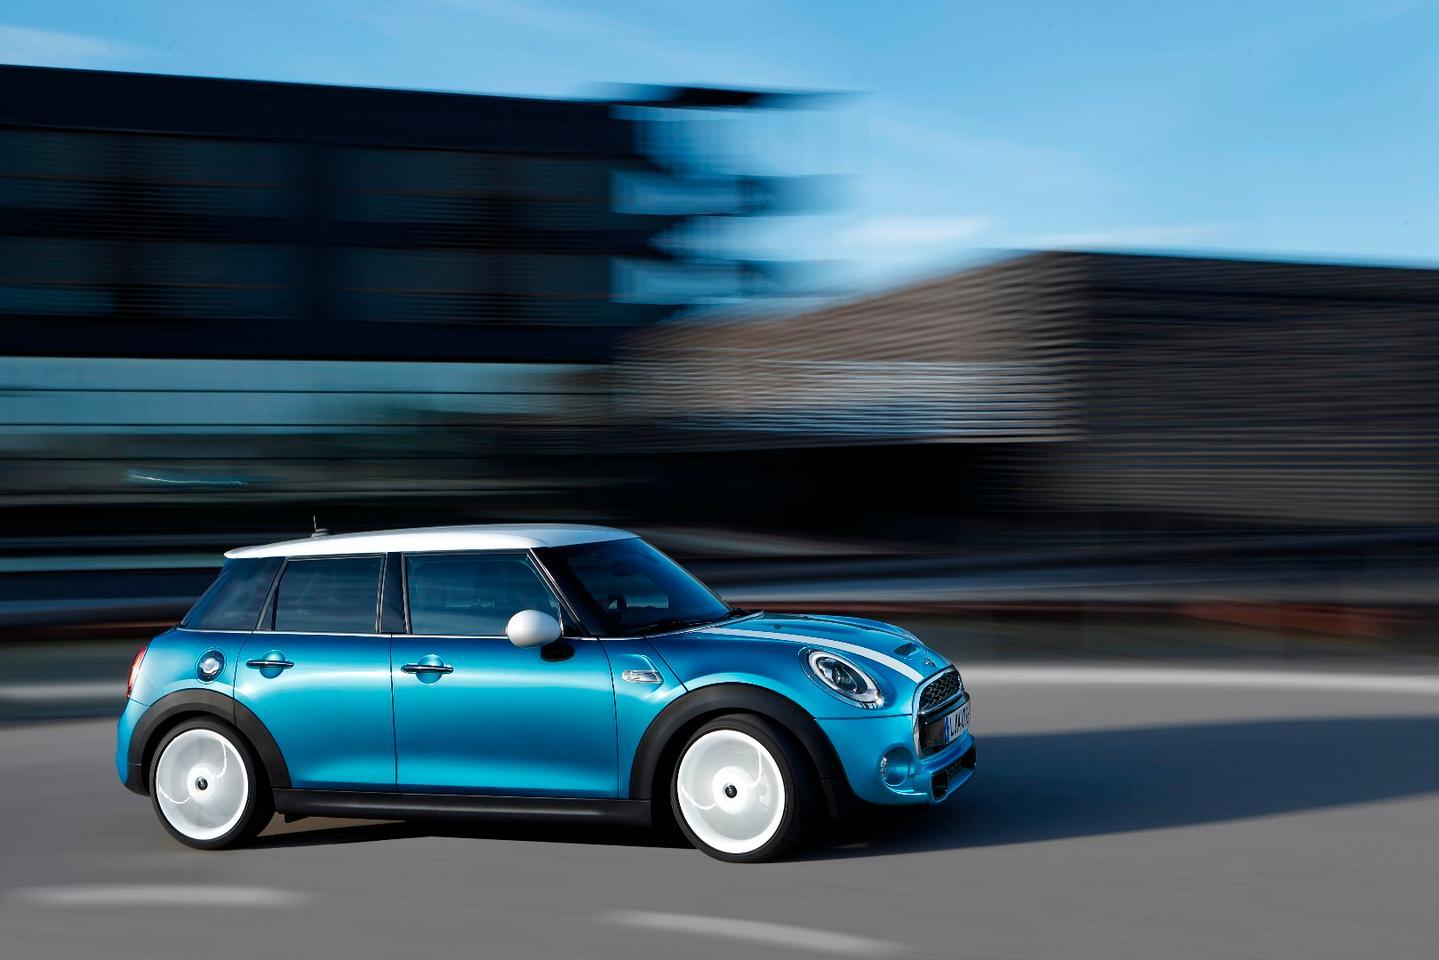 Mini will be showing off the five-door Cooper Hatch inShanghai